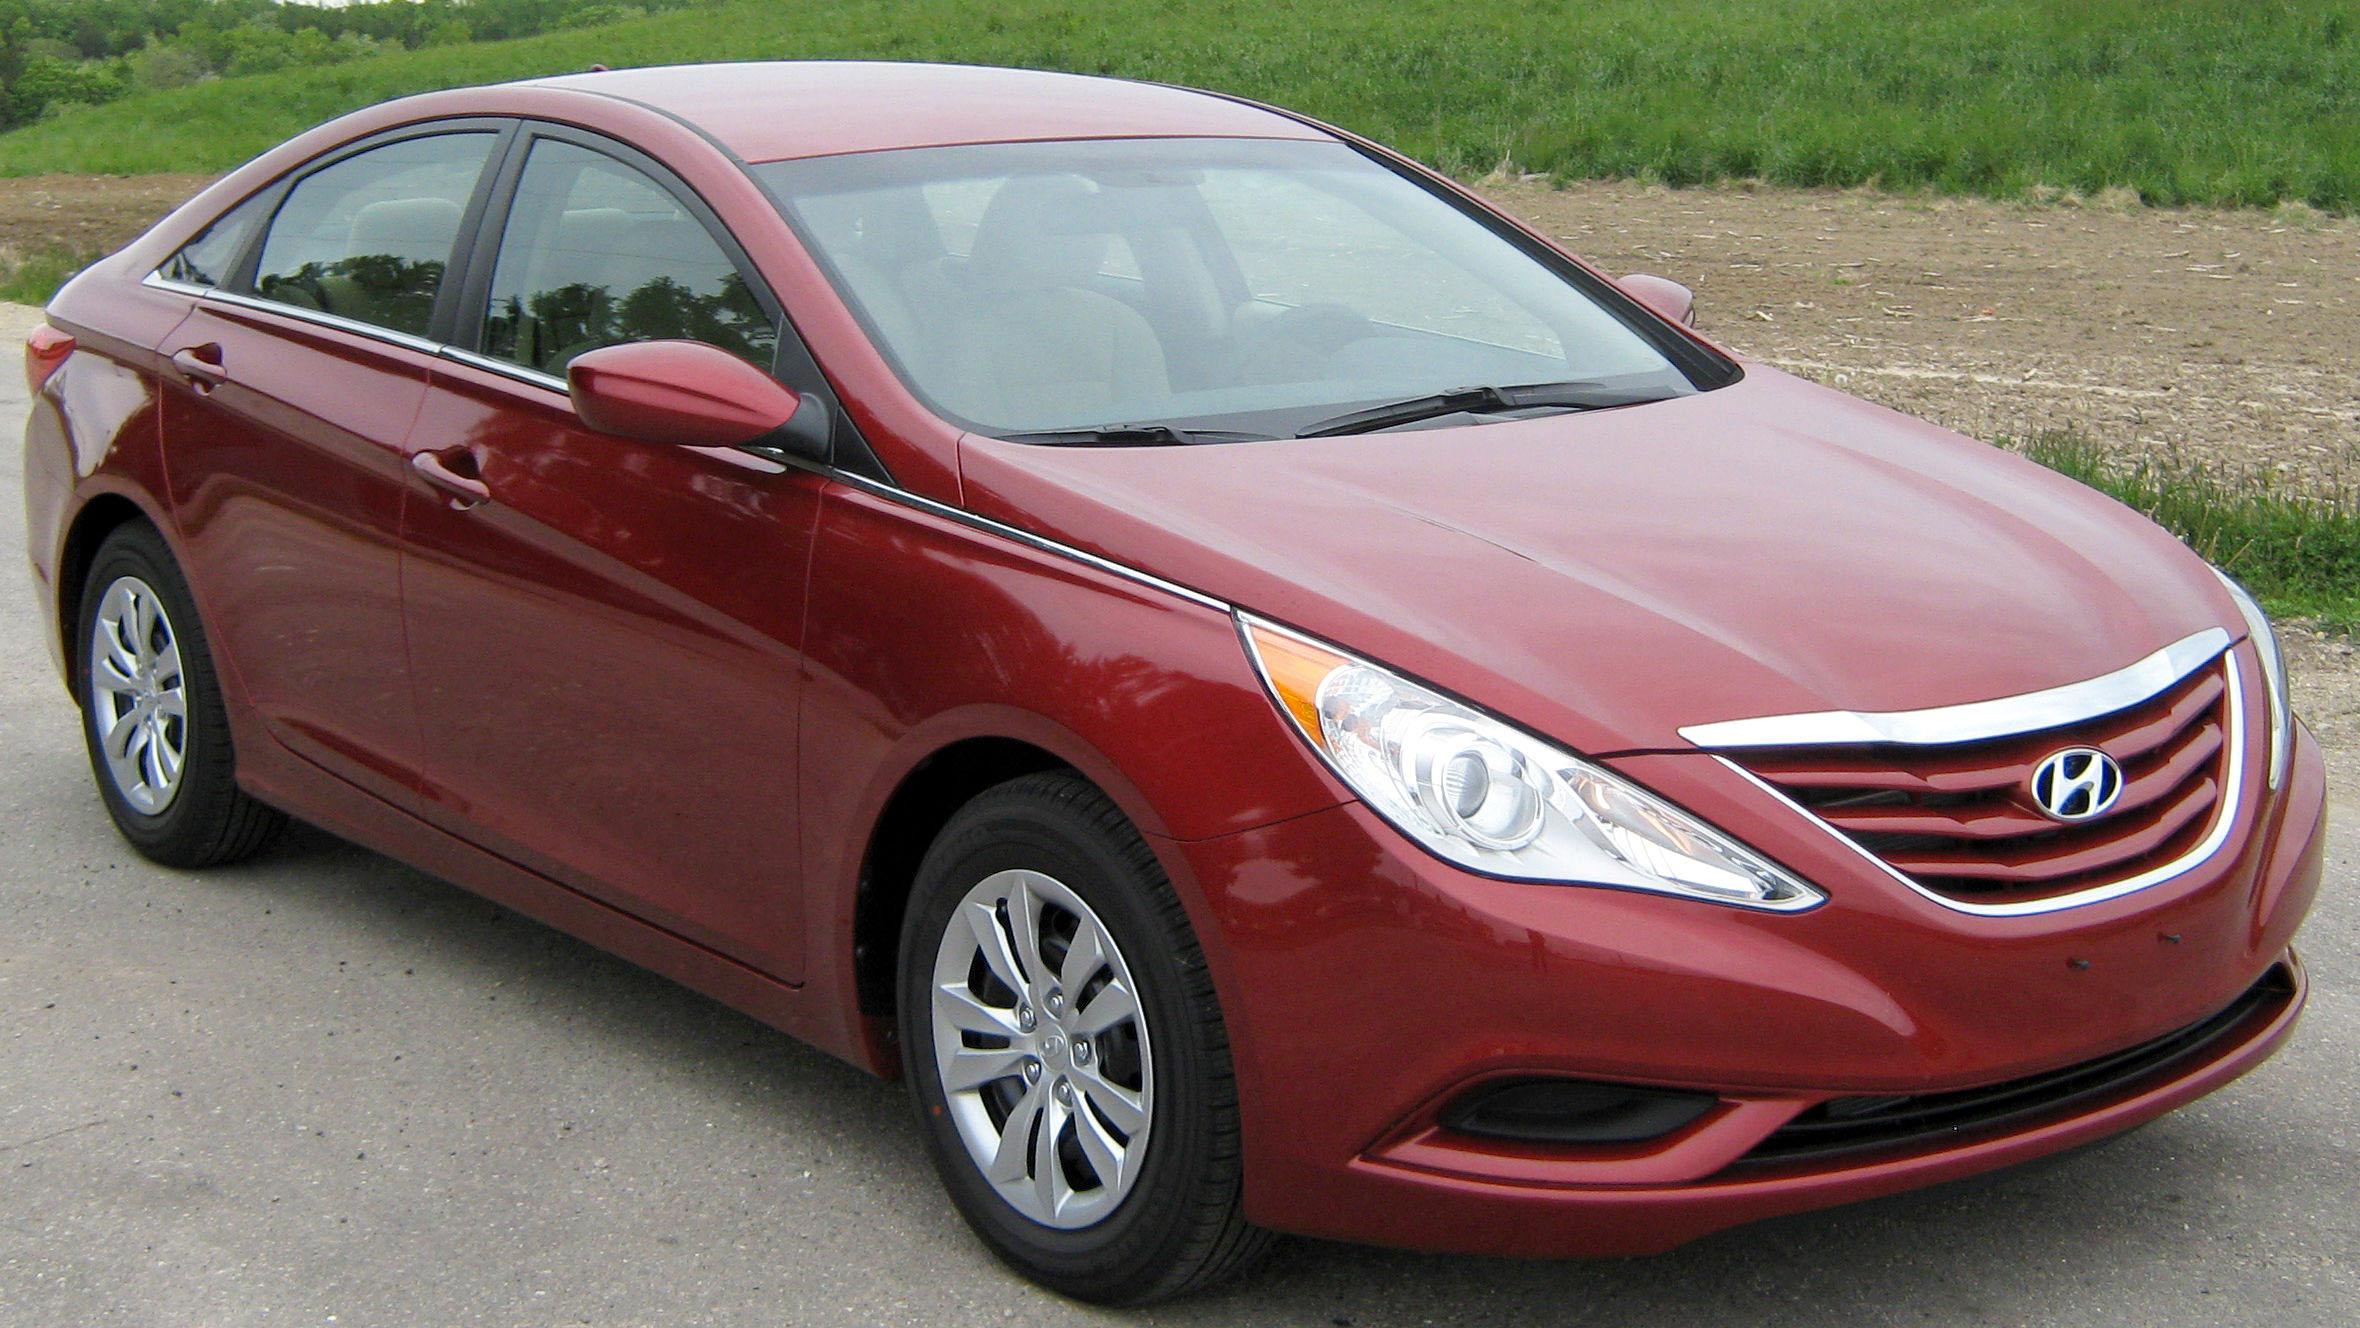 2011_Hyundai_Sonata_GLS_--_NHTSA_1.jpg